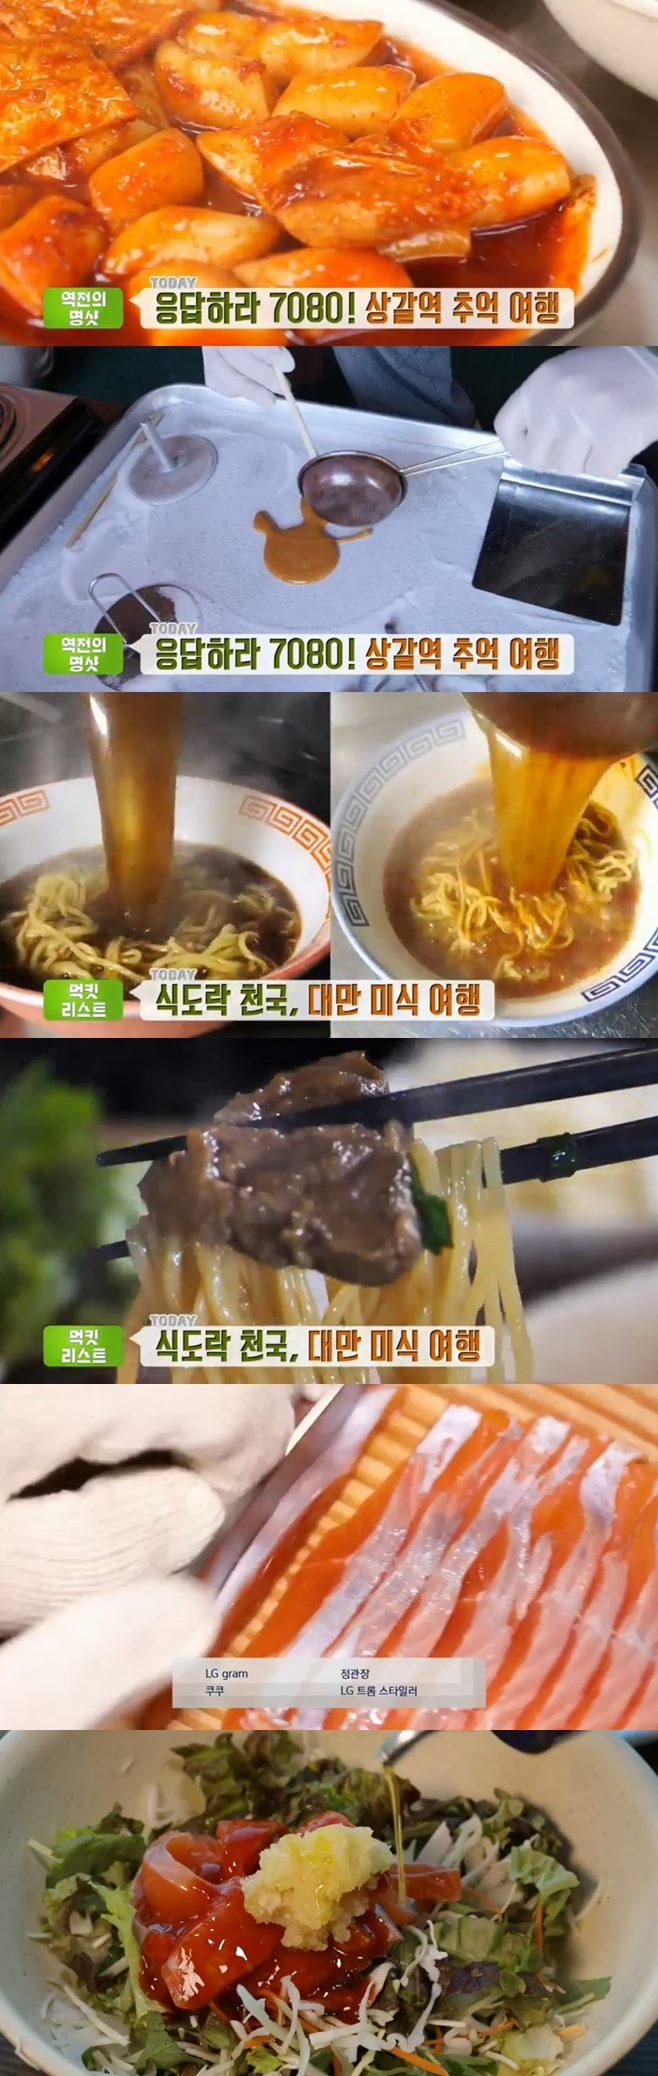 '생방송투데이' 자족식당 송어회(황둔수산)+대만식돼지고기마늘튀김(항차이)+대만 우육면(미엔아이) 맛집